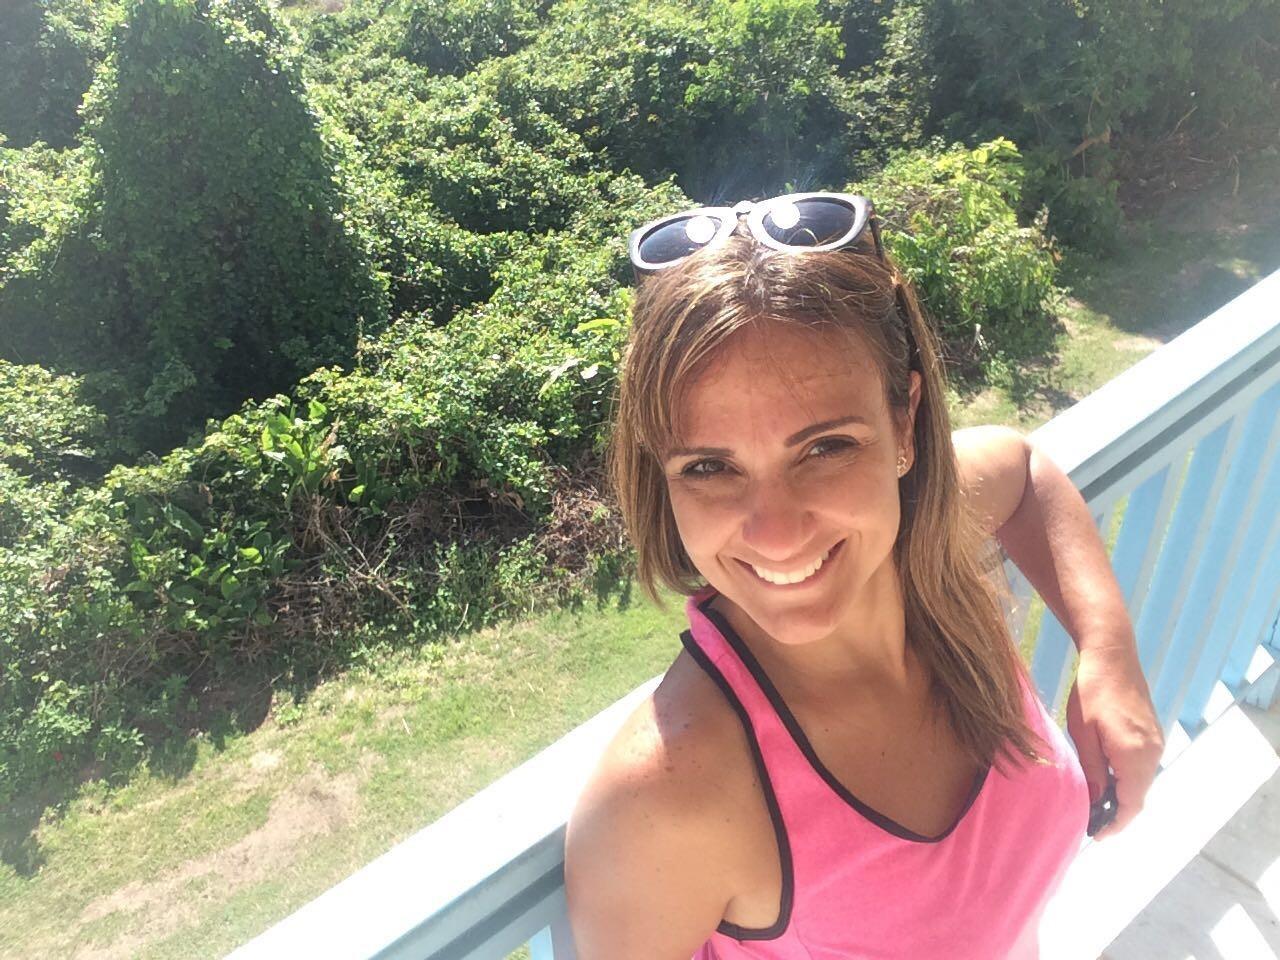 Adriana Cutino preparada para as caminhadas na orla da praia (Foto: Arquivo Pessoal)